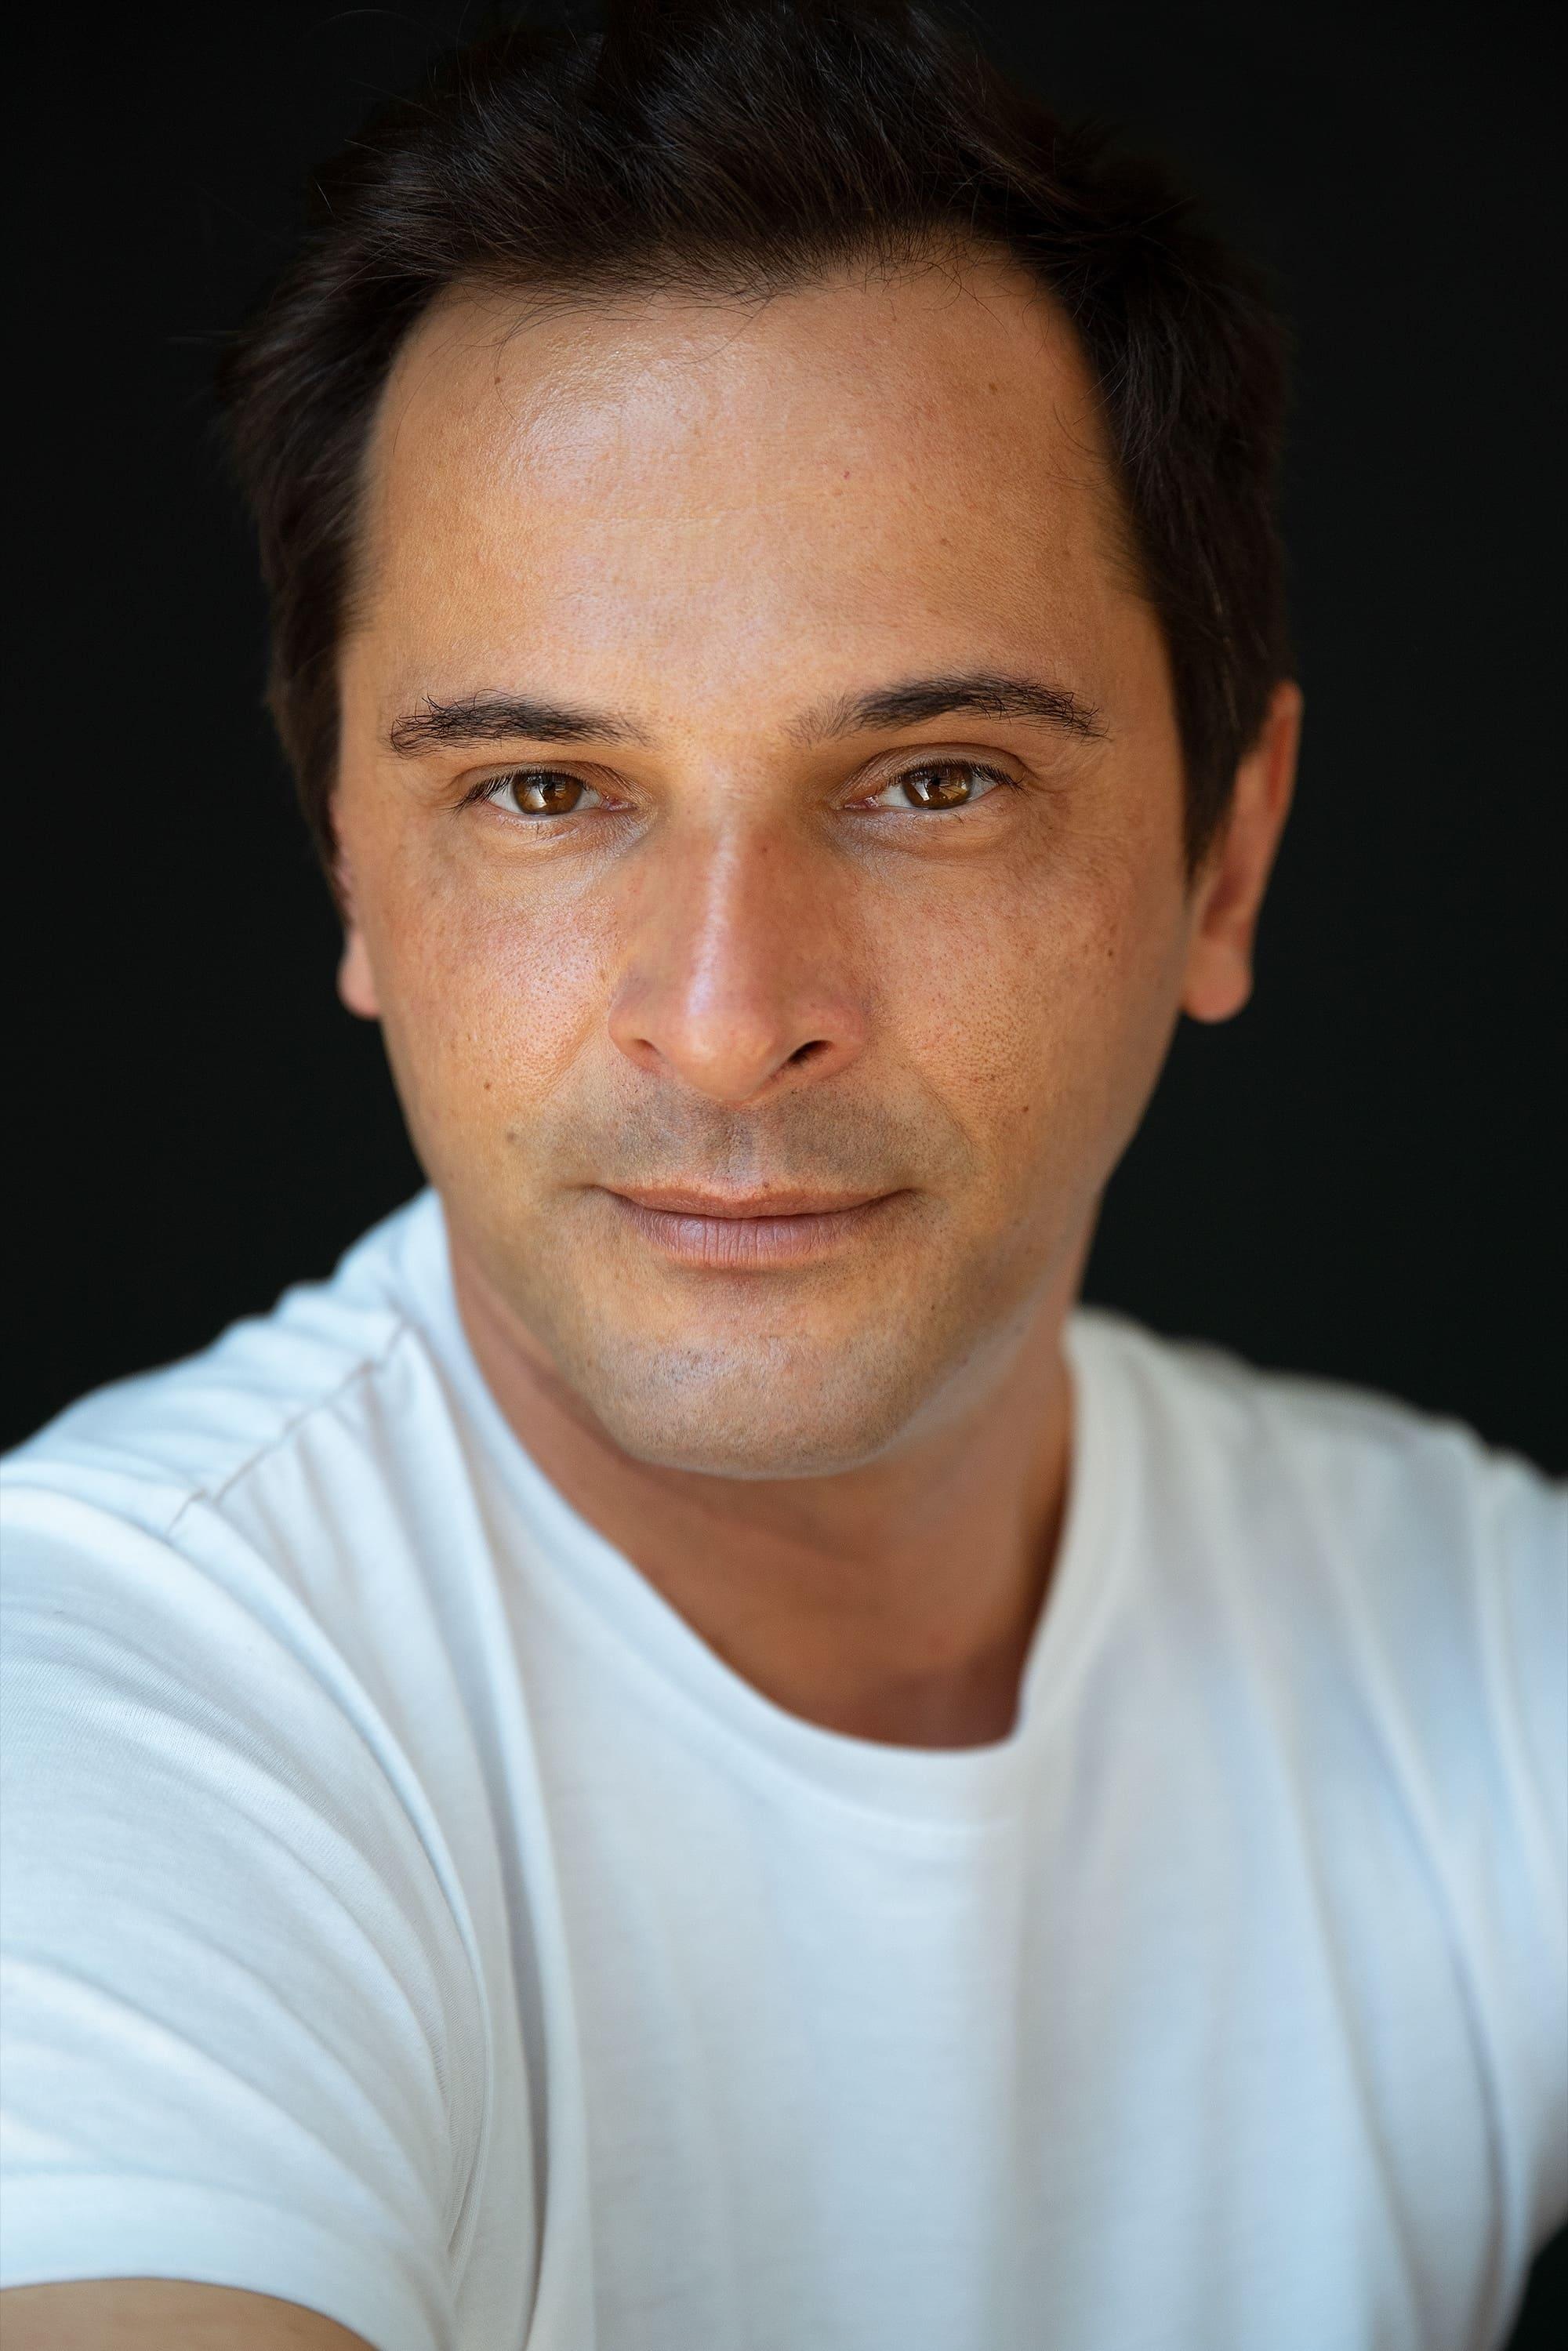 Pedro Almendra